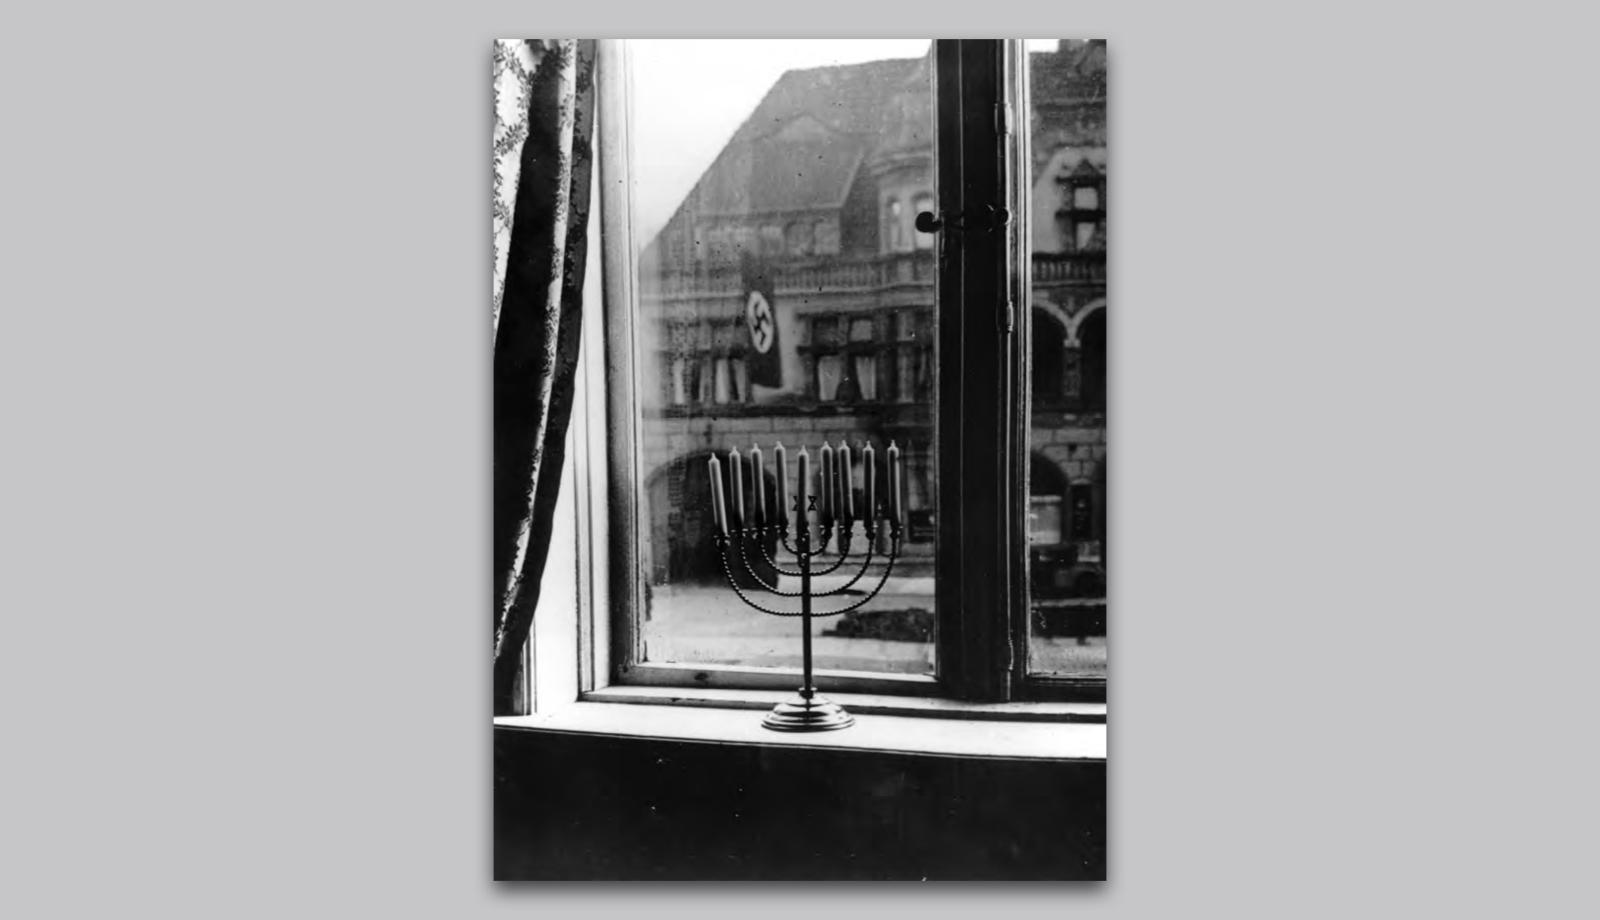 Publikation504_ReneSpitz-Designkritik_WDR5-Scala_Bilder der NS-Diktatur